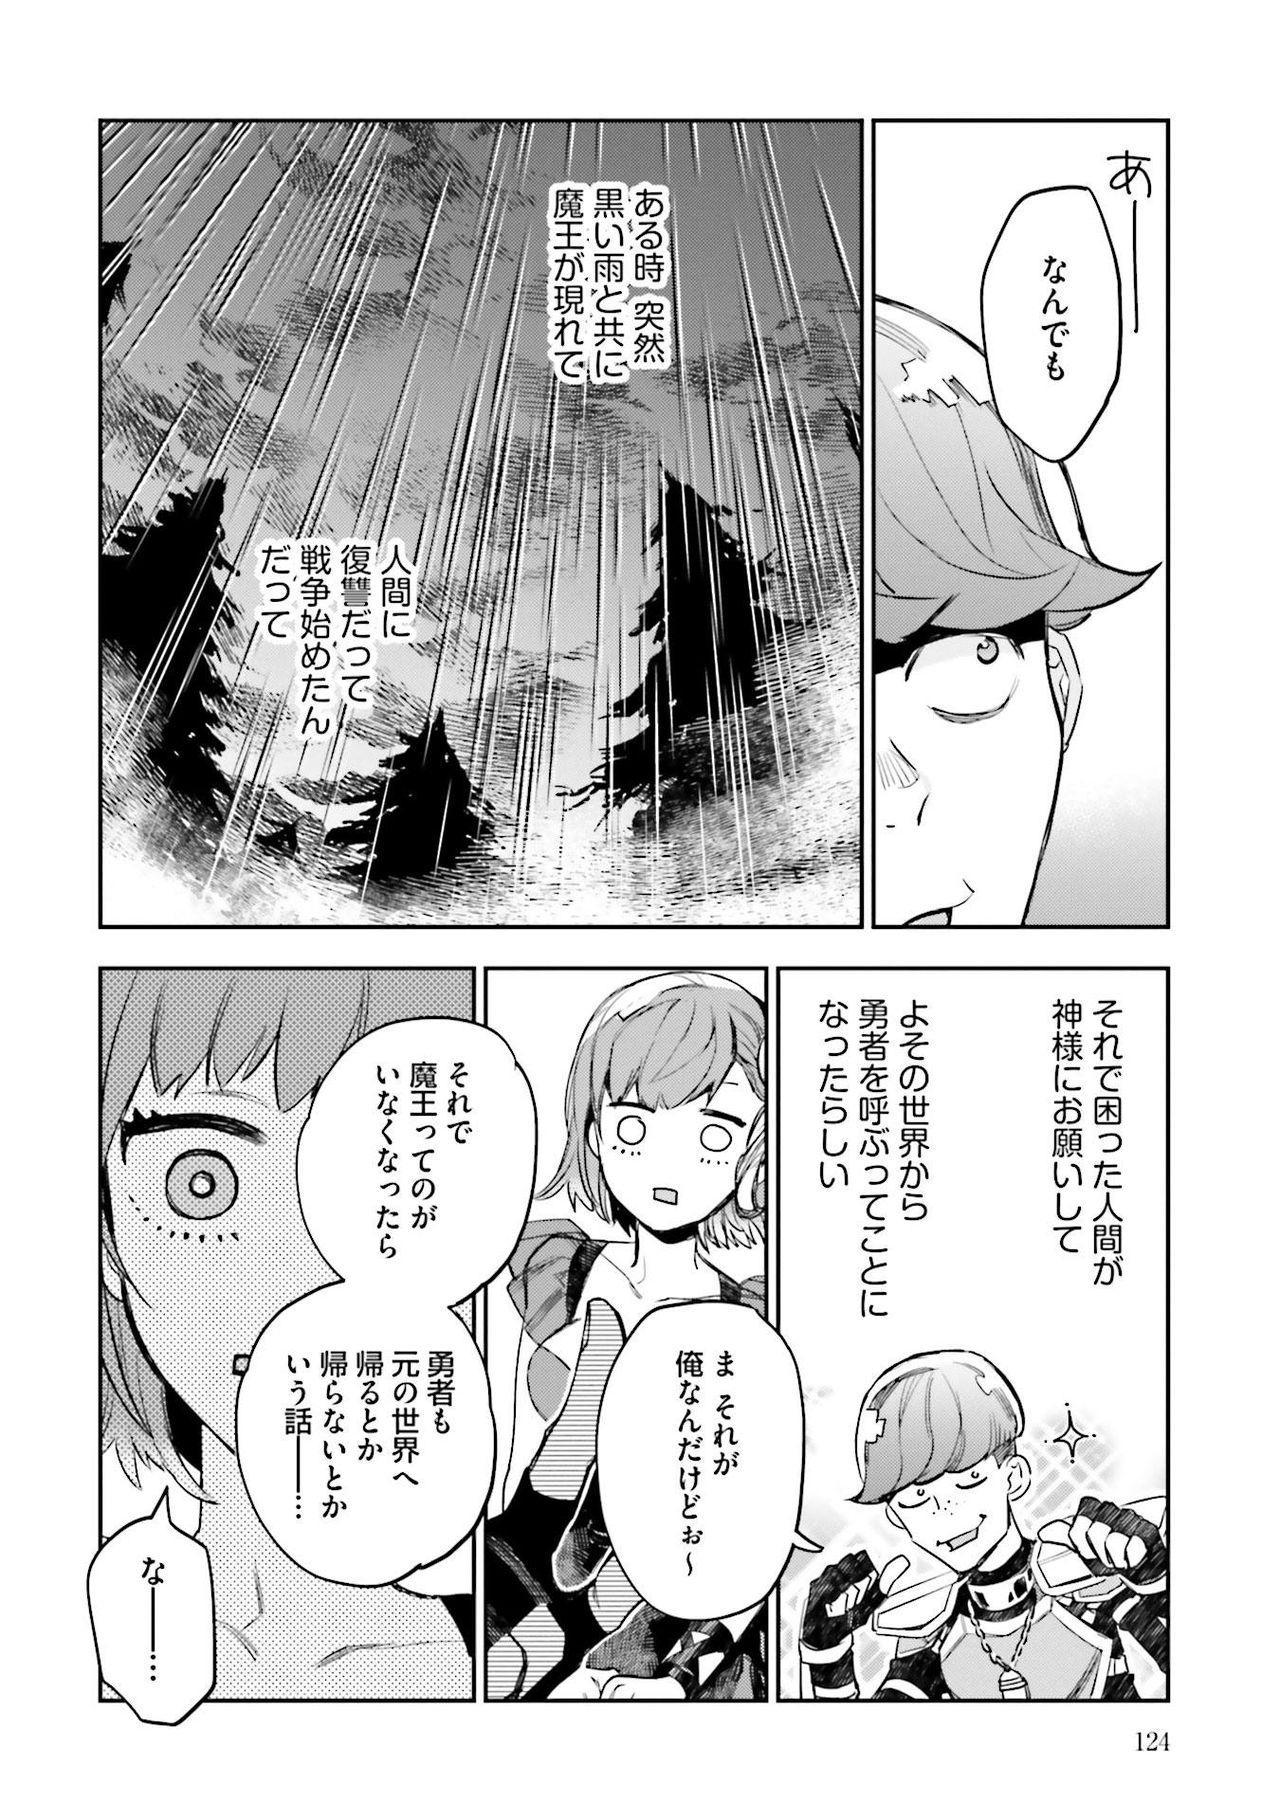 JK Haru wa Isekai de Shoufu ni Natta 1-14 312